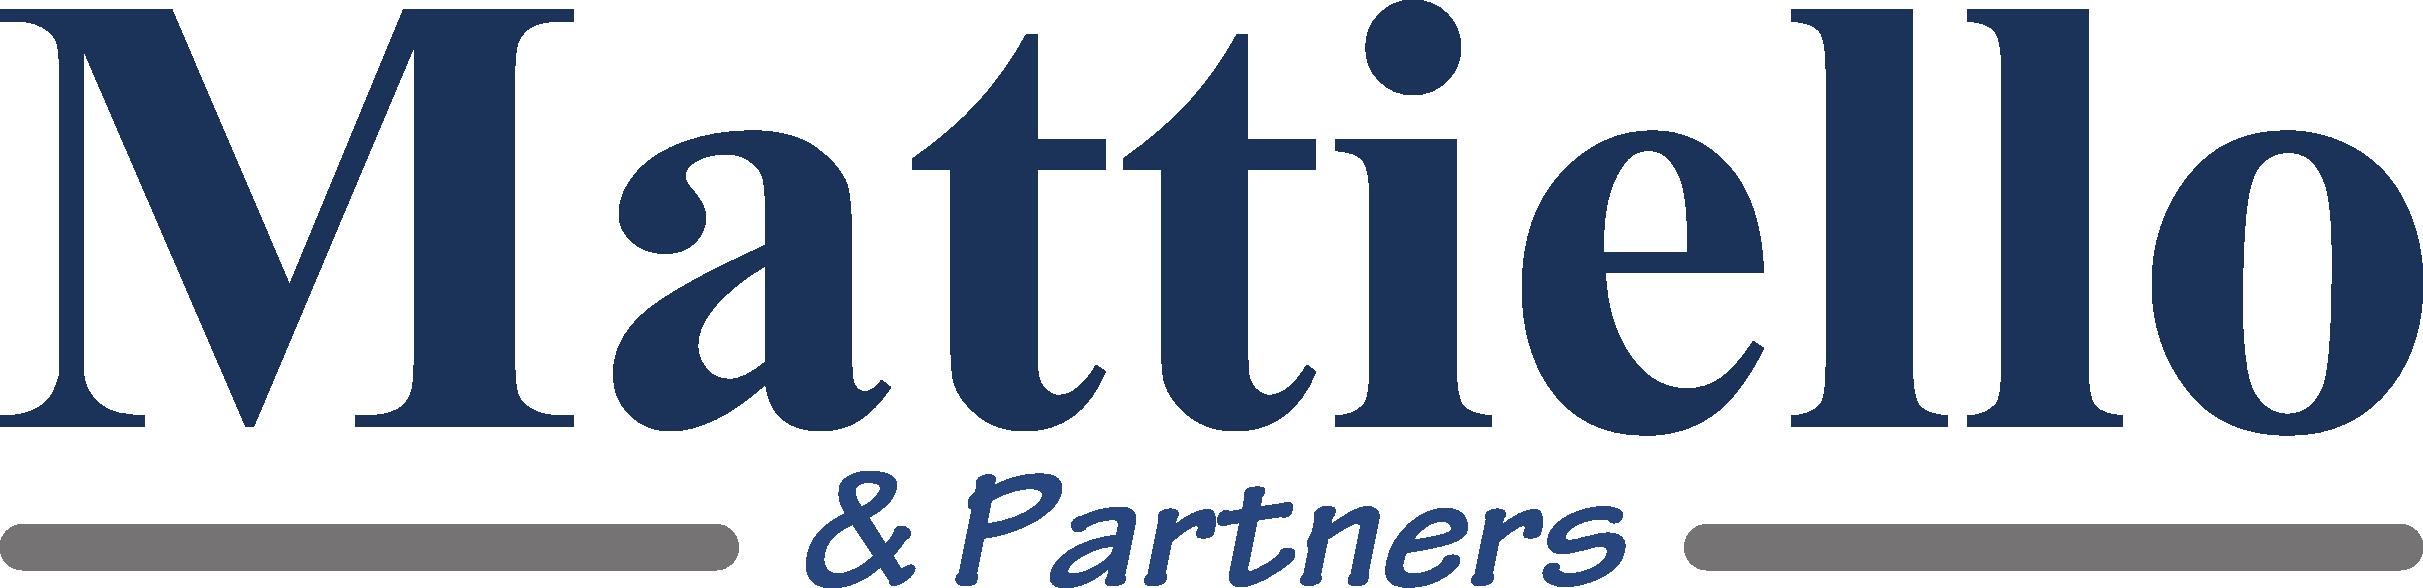 Mattiello & Partners